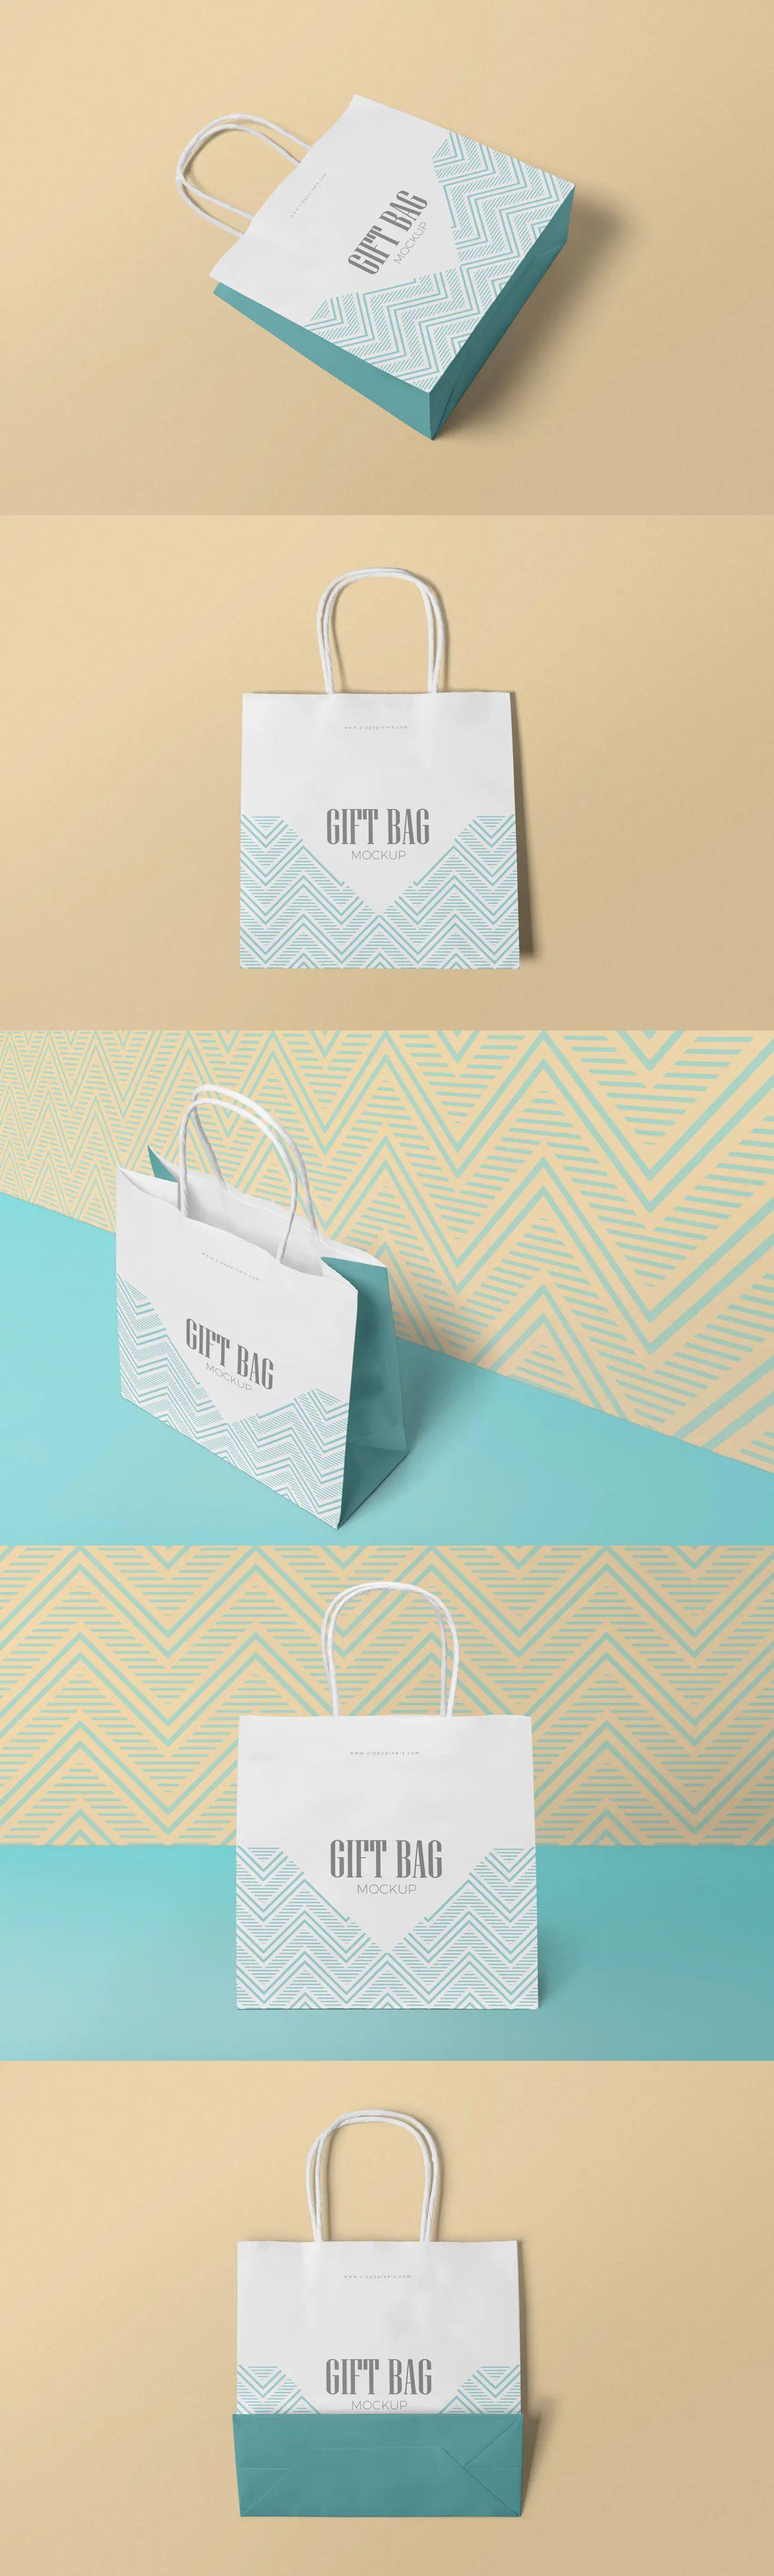 Download Gift Bag Mockups By Zippypixels On Envato Elements Bag Mockup Gift Bag Invitation Mockup